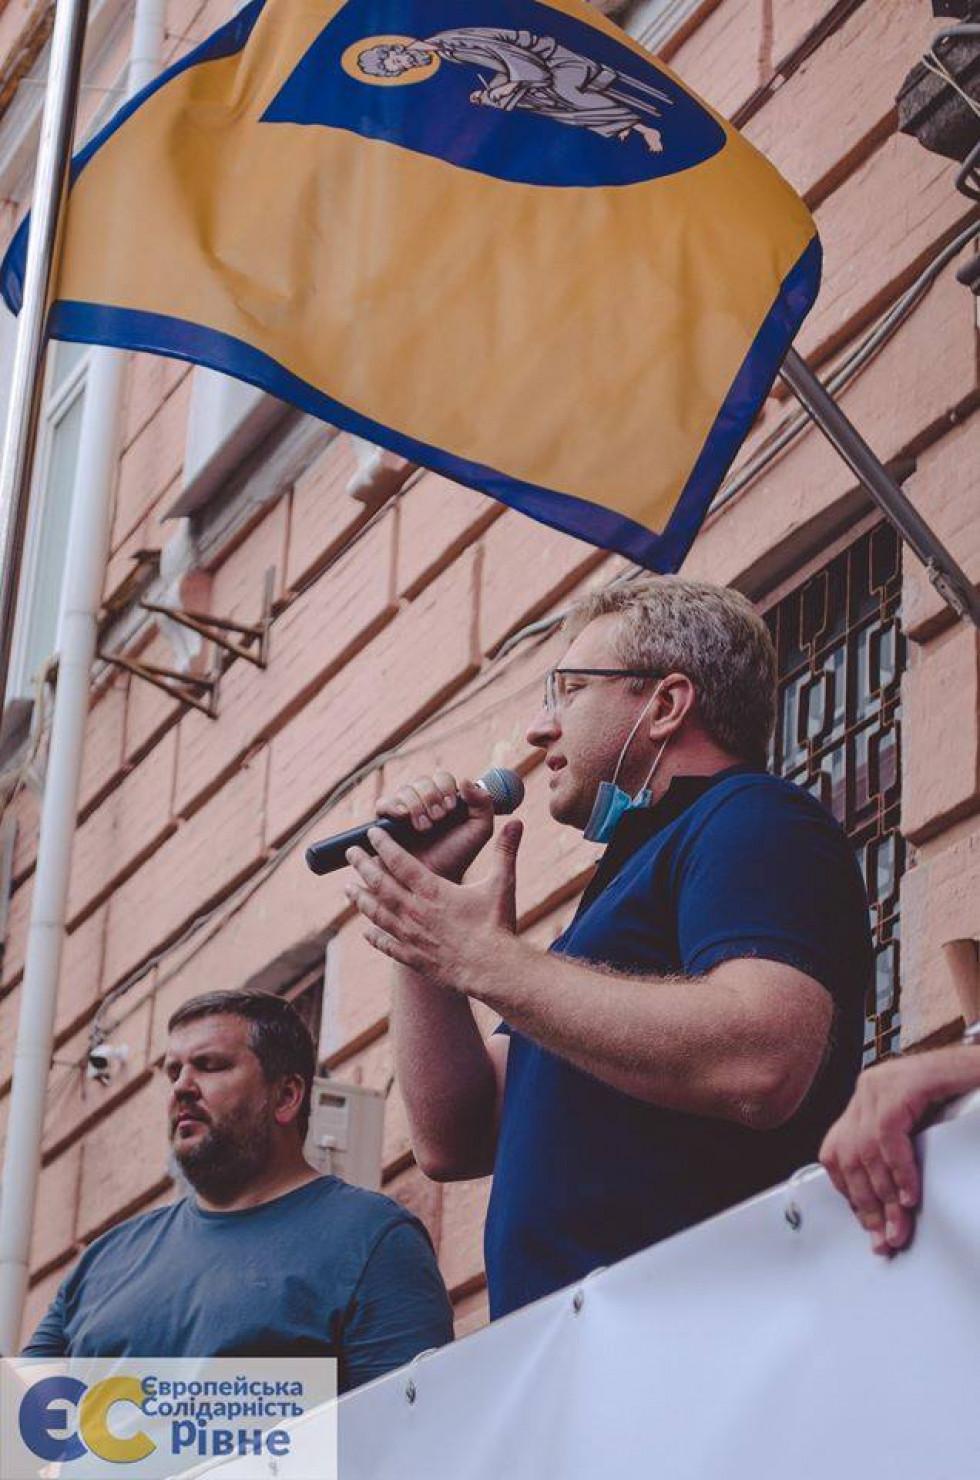 Віталій Гайдукевич. Фото зі сторінки Європейської Солідарності. Рівне у фейсбуці